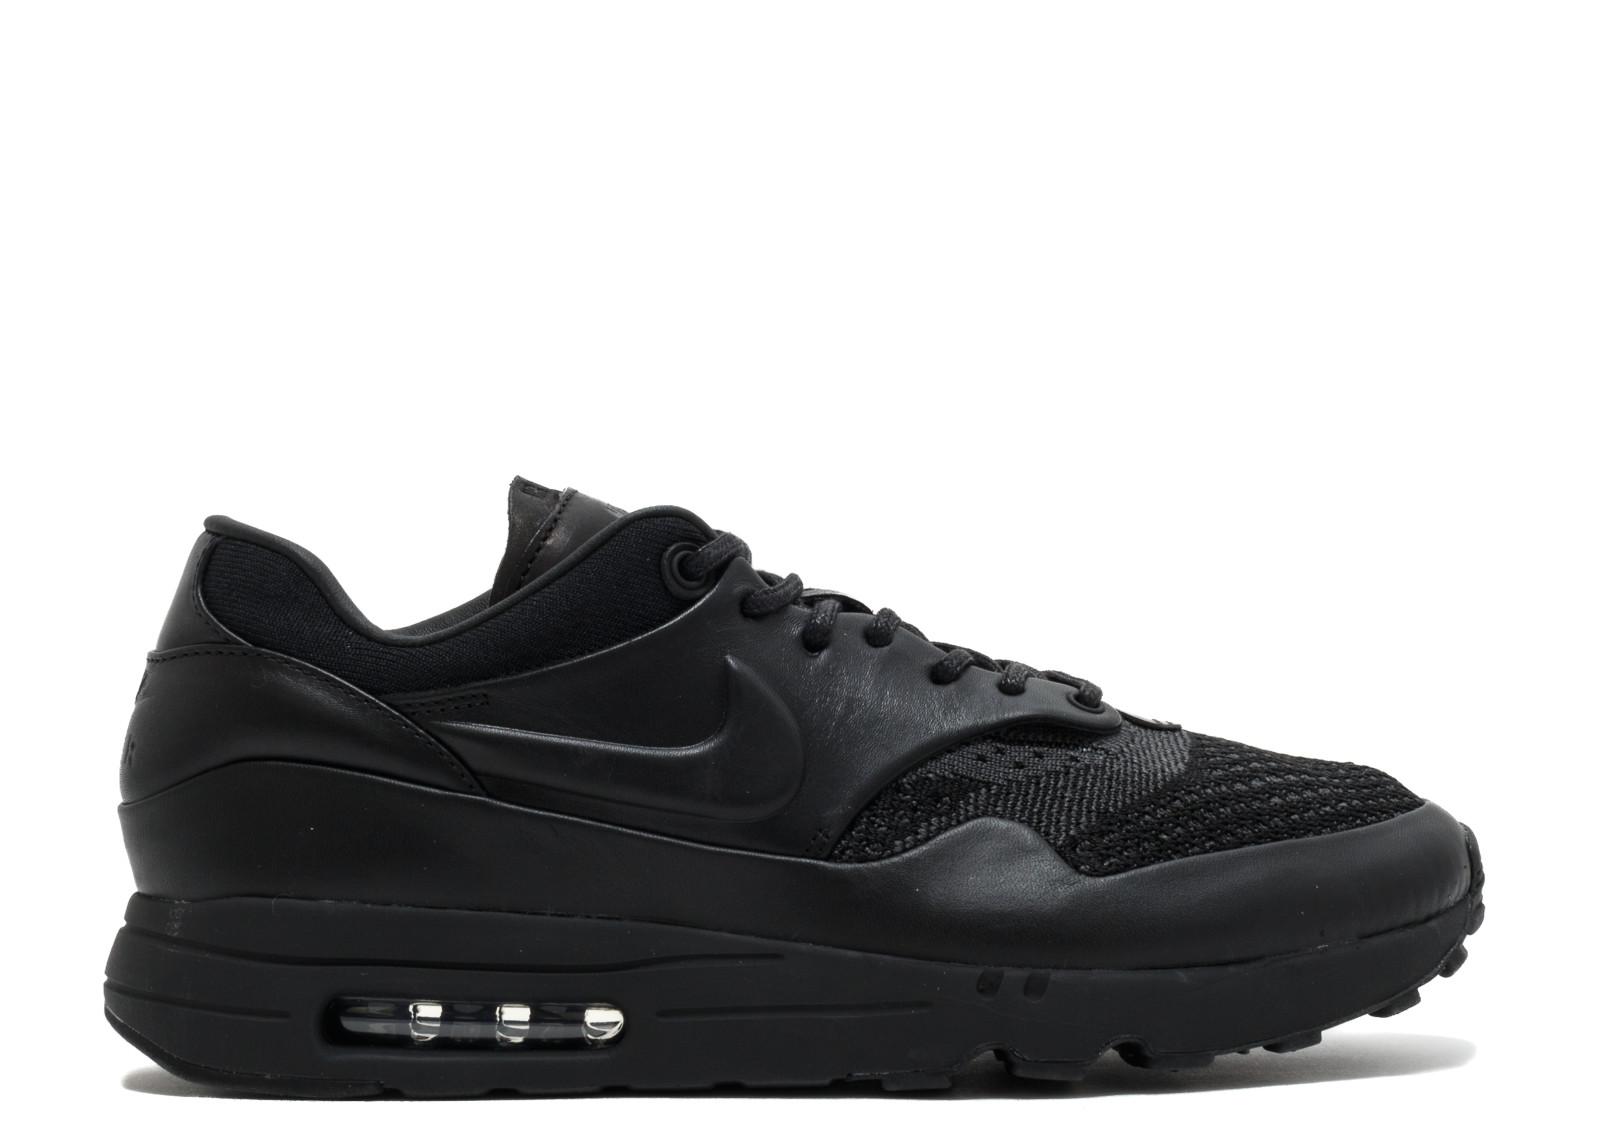 ナイキ エアー マックス フライニット ロイヤル メンズ 男性用 靴 スニーカー メンズ靴 【 NIKE AIR MAX 1 FLYKNIT ROYAL BLACK BLACKANTHRACITE 】